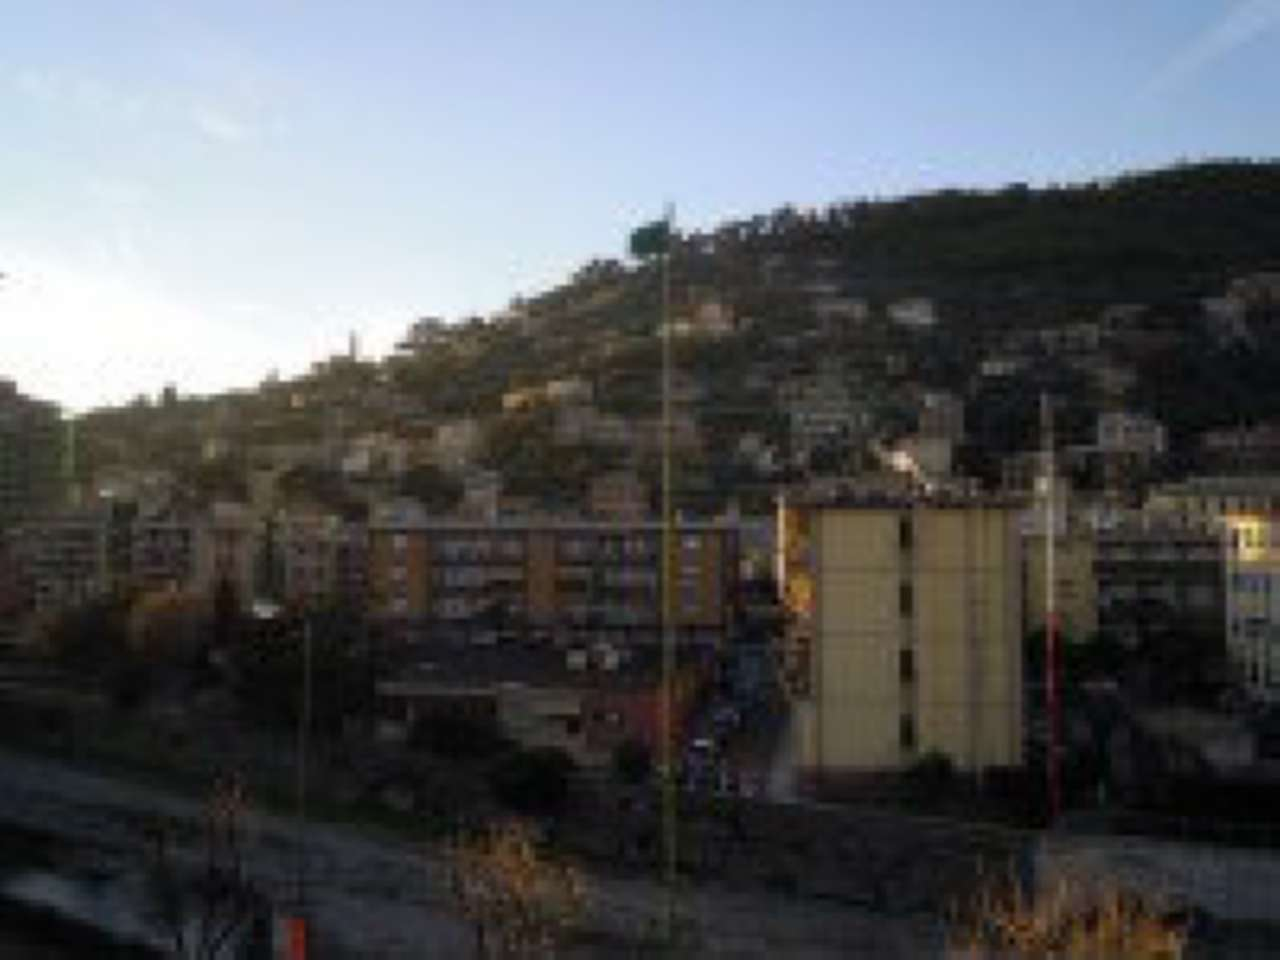 Appartamento in vendita a Recco, 4 locali, prezzo € 200.000 | Cambio Casa.it